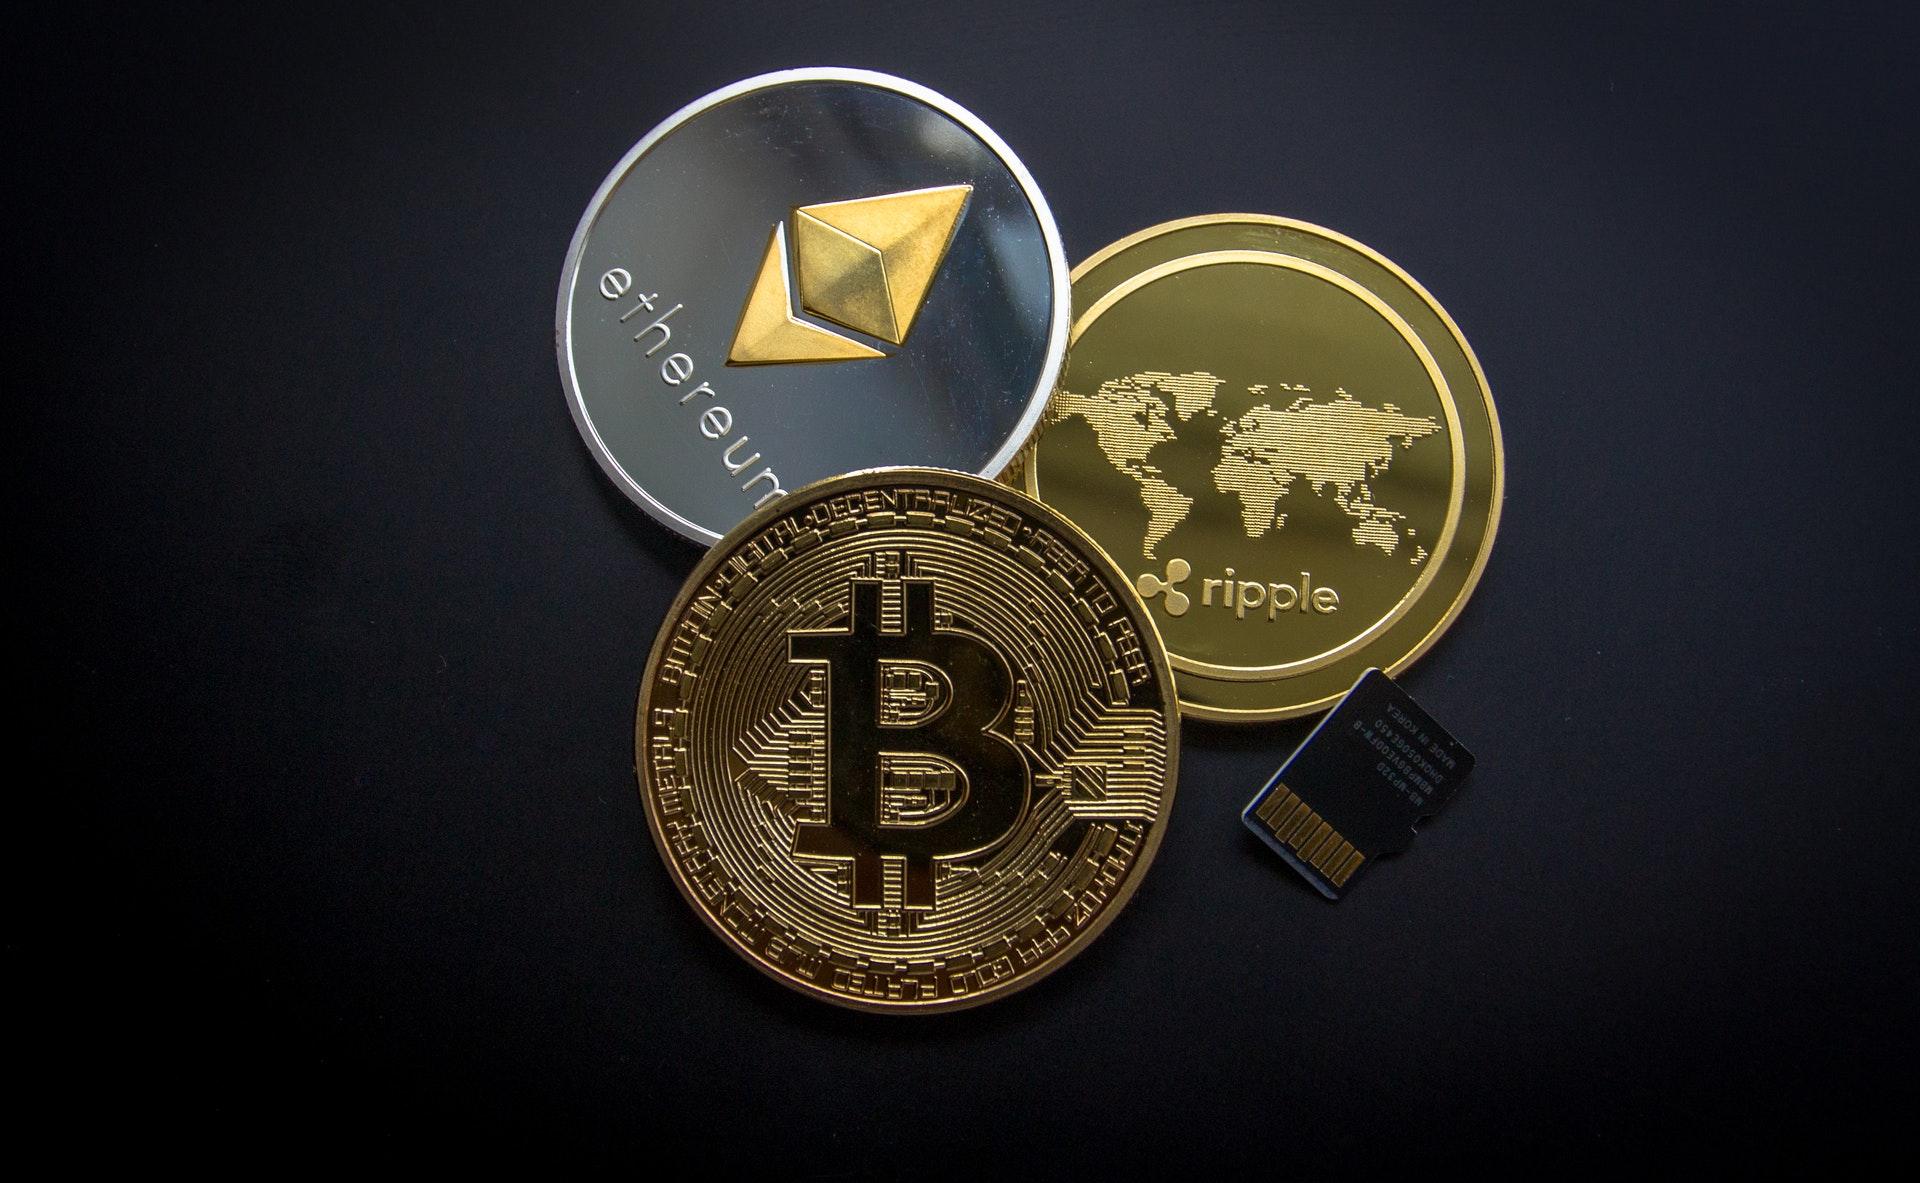 Koop bitcoins met een betalingssysteem dat bekend staat als PayPal